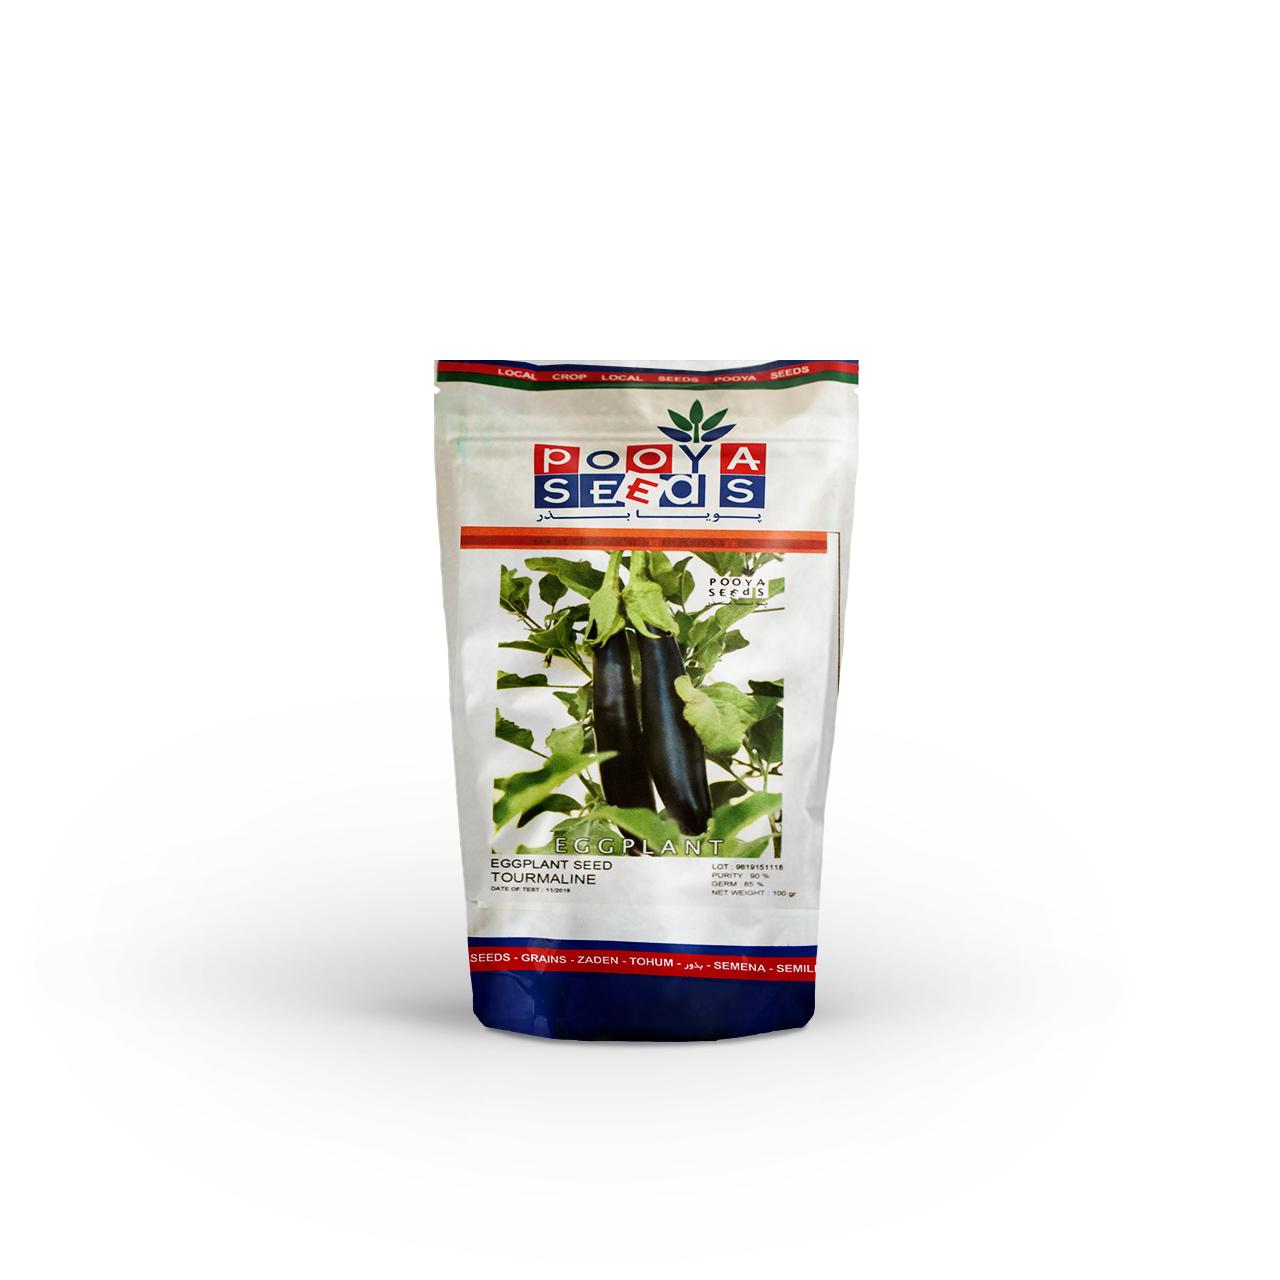 بذر بادمجان سیاه قلمی تورمالین پویا سید 100 گرمی